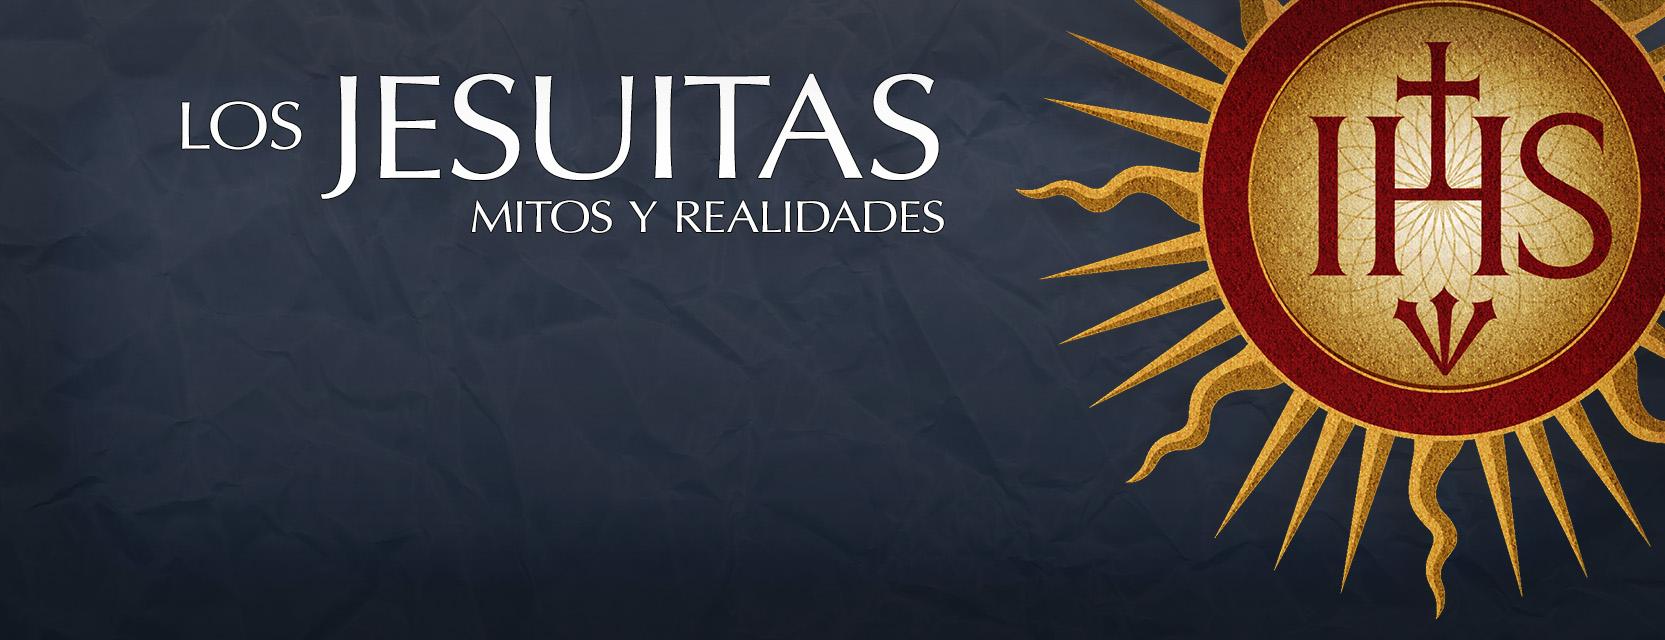 Goya Producciones Jesuitas